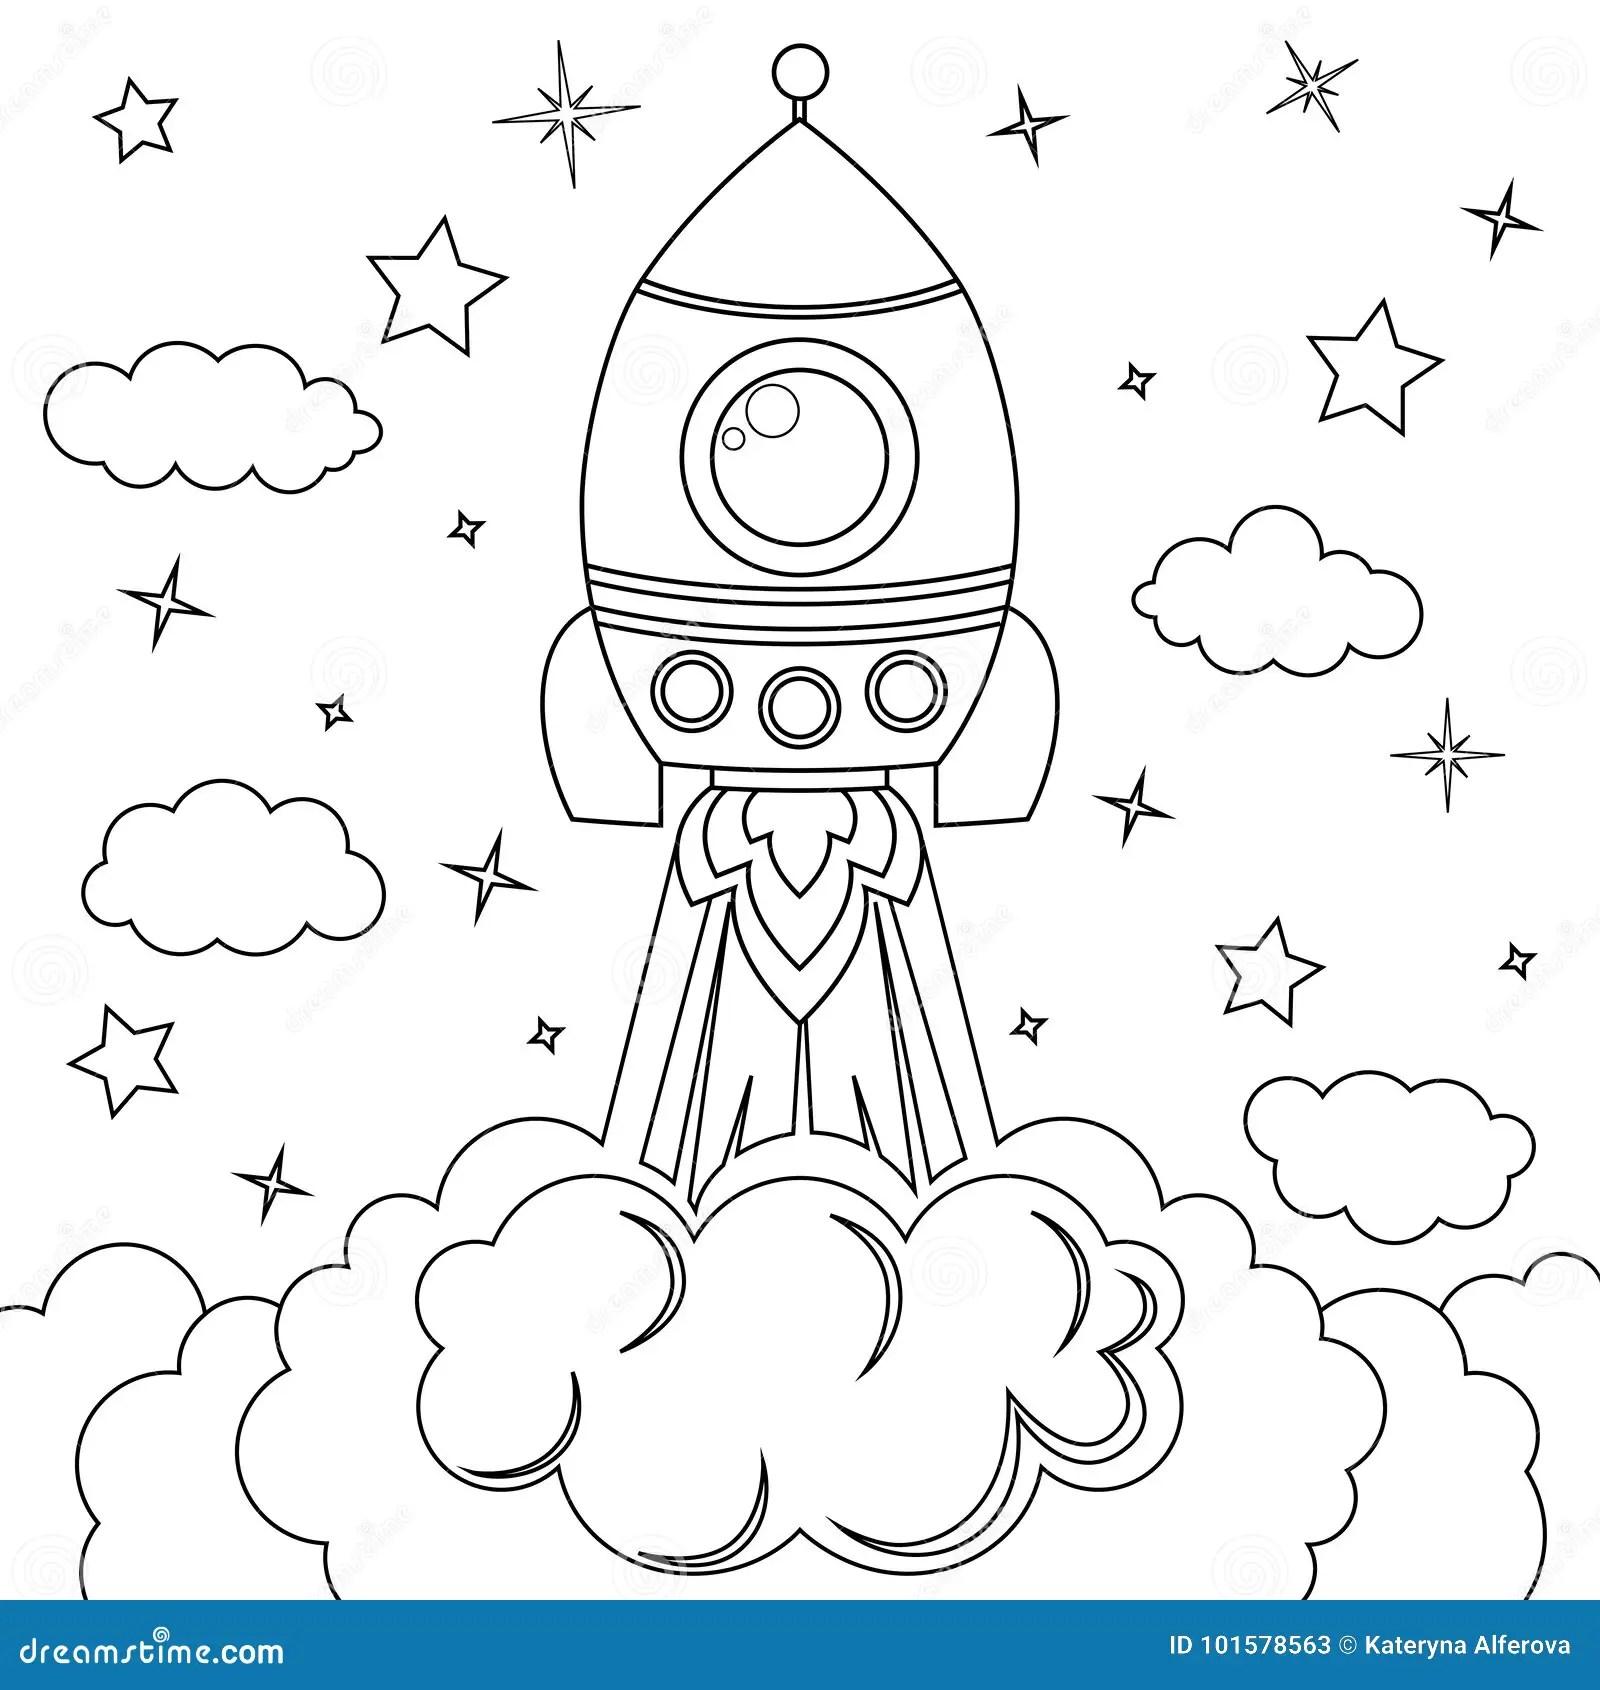 Rocket Launch Illustration Noire Et Blanche De Vecteur